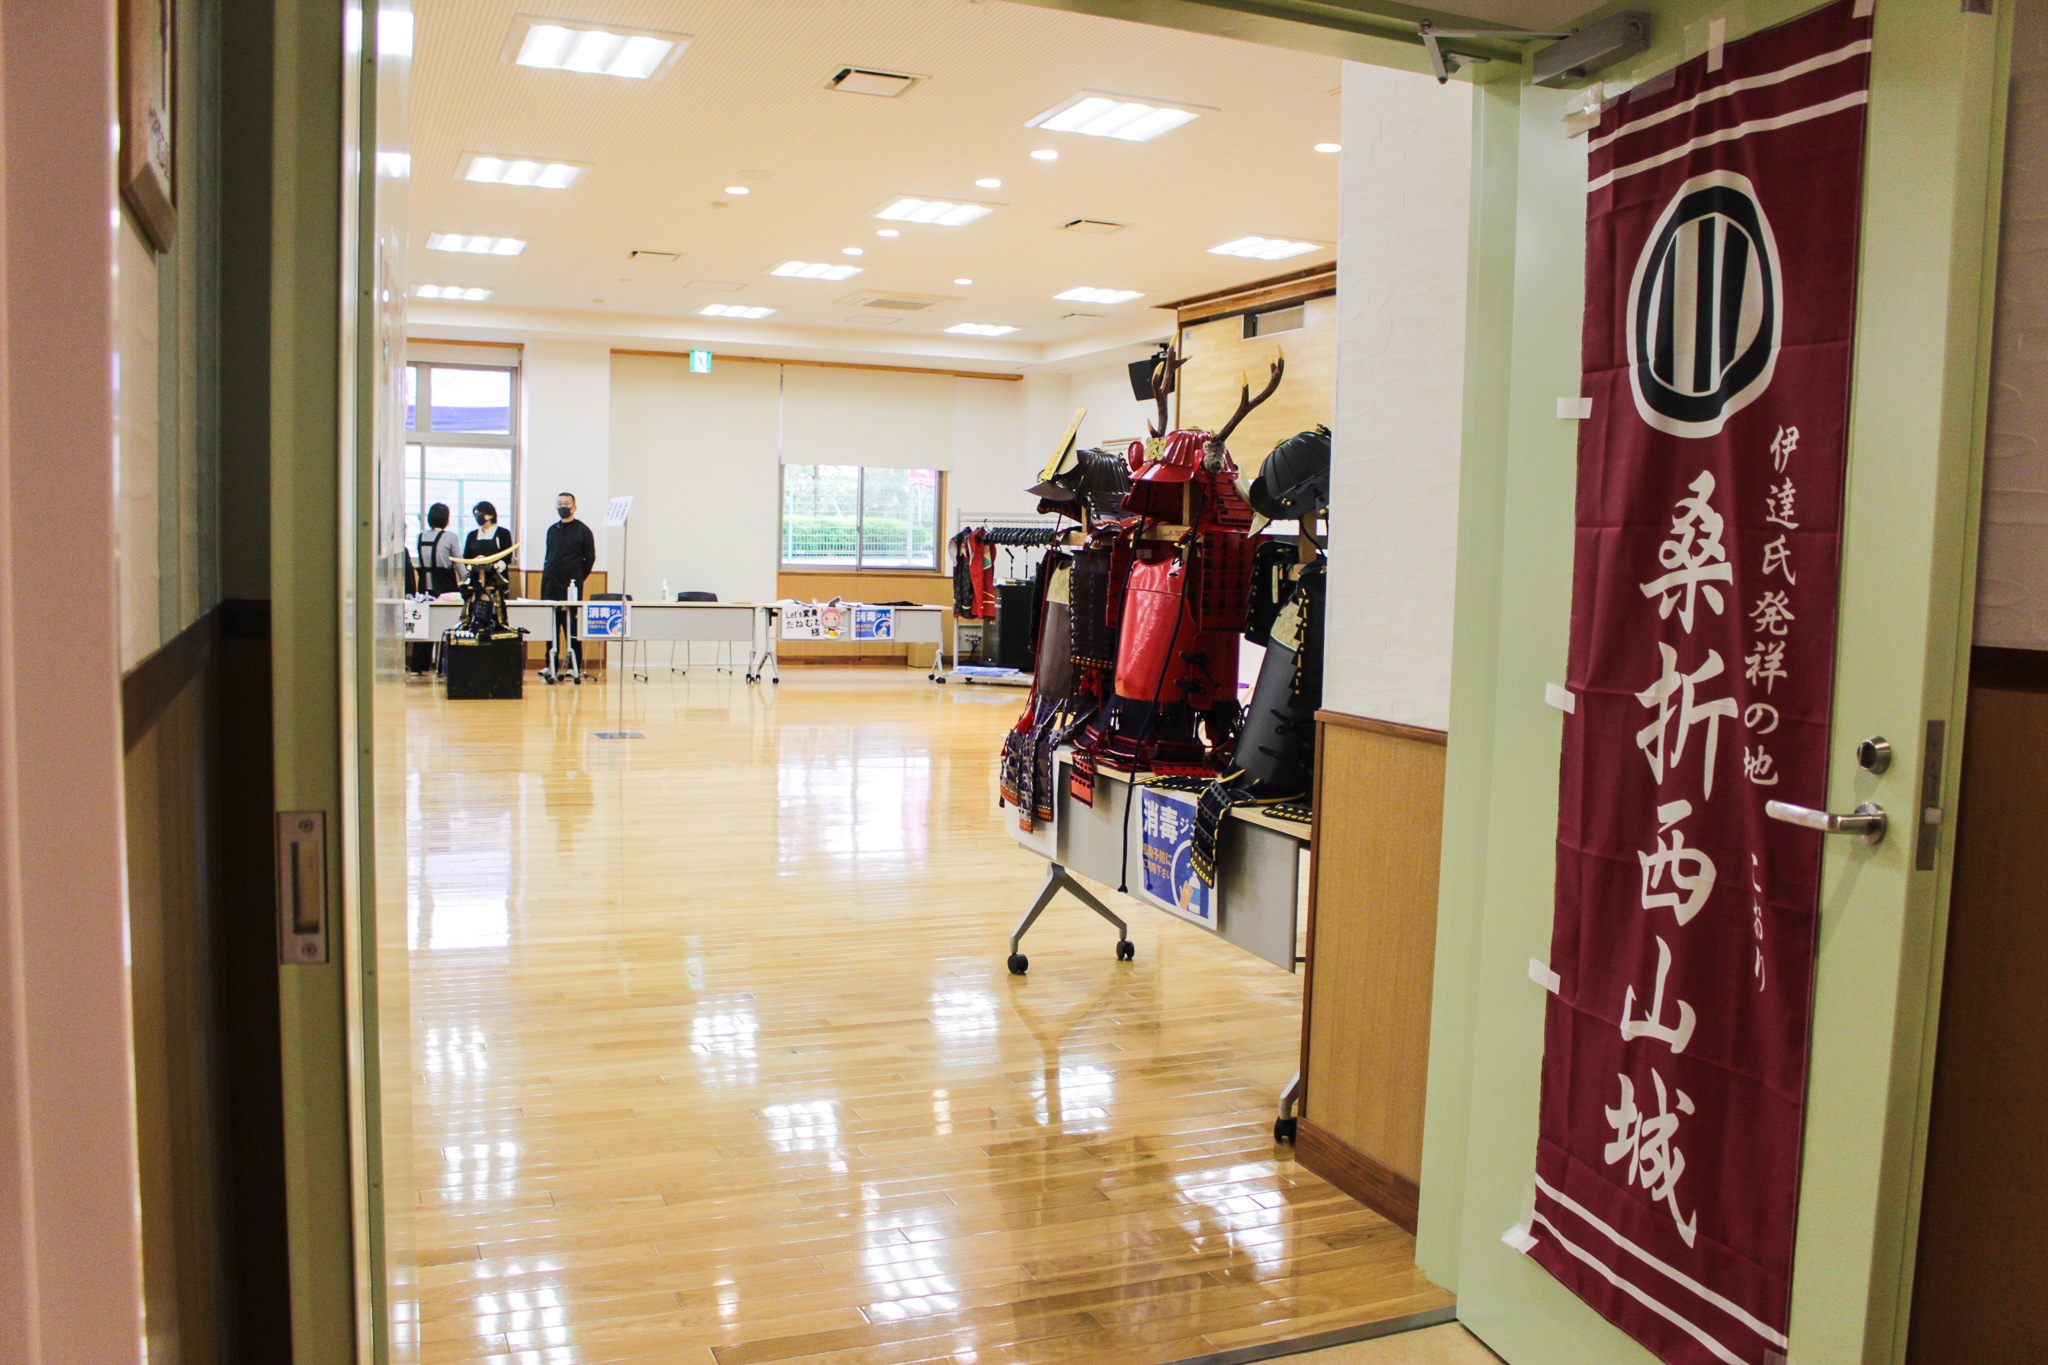 戦国ワークショップin桑折町西山城ライブ2020の様子をご紹介!